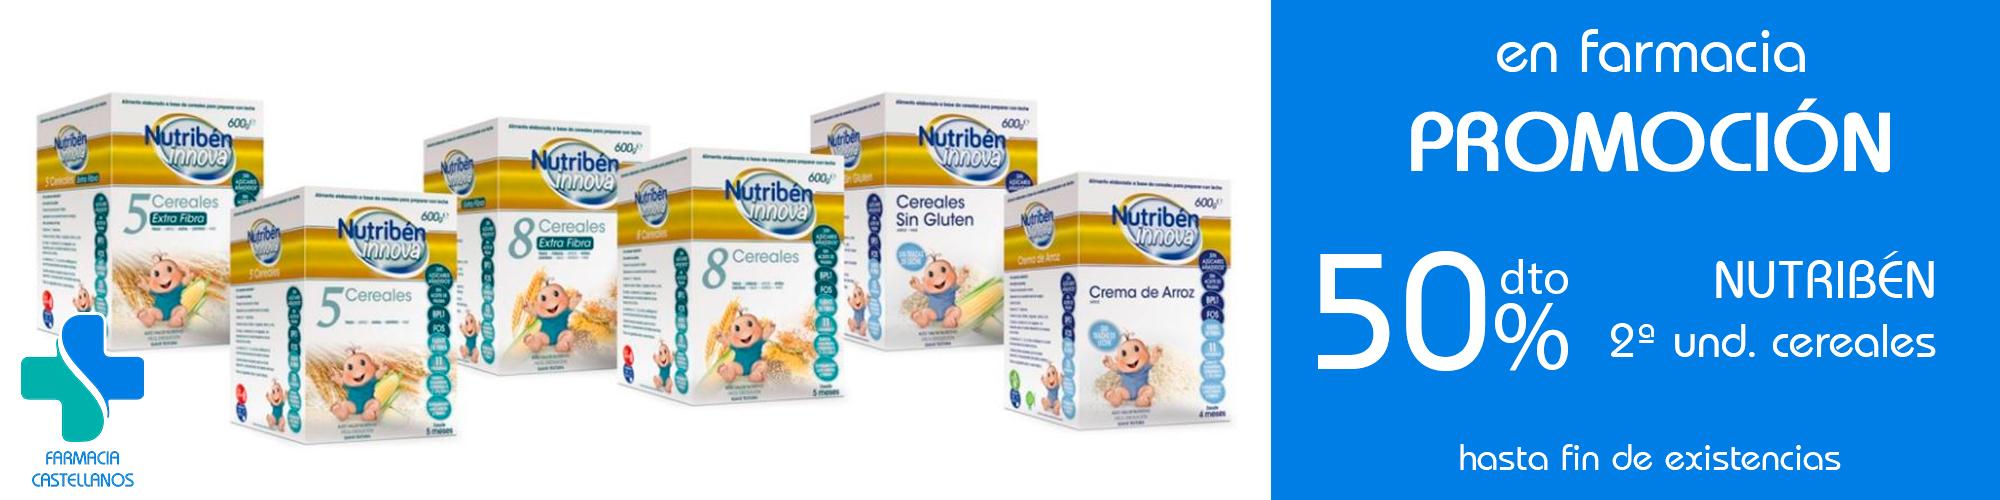 promocion-nutriben-farmaciabeatrizcastellanos